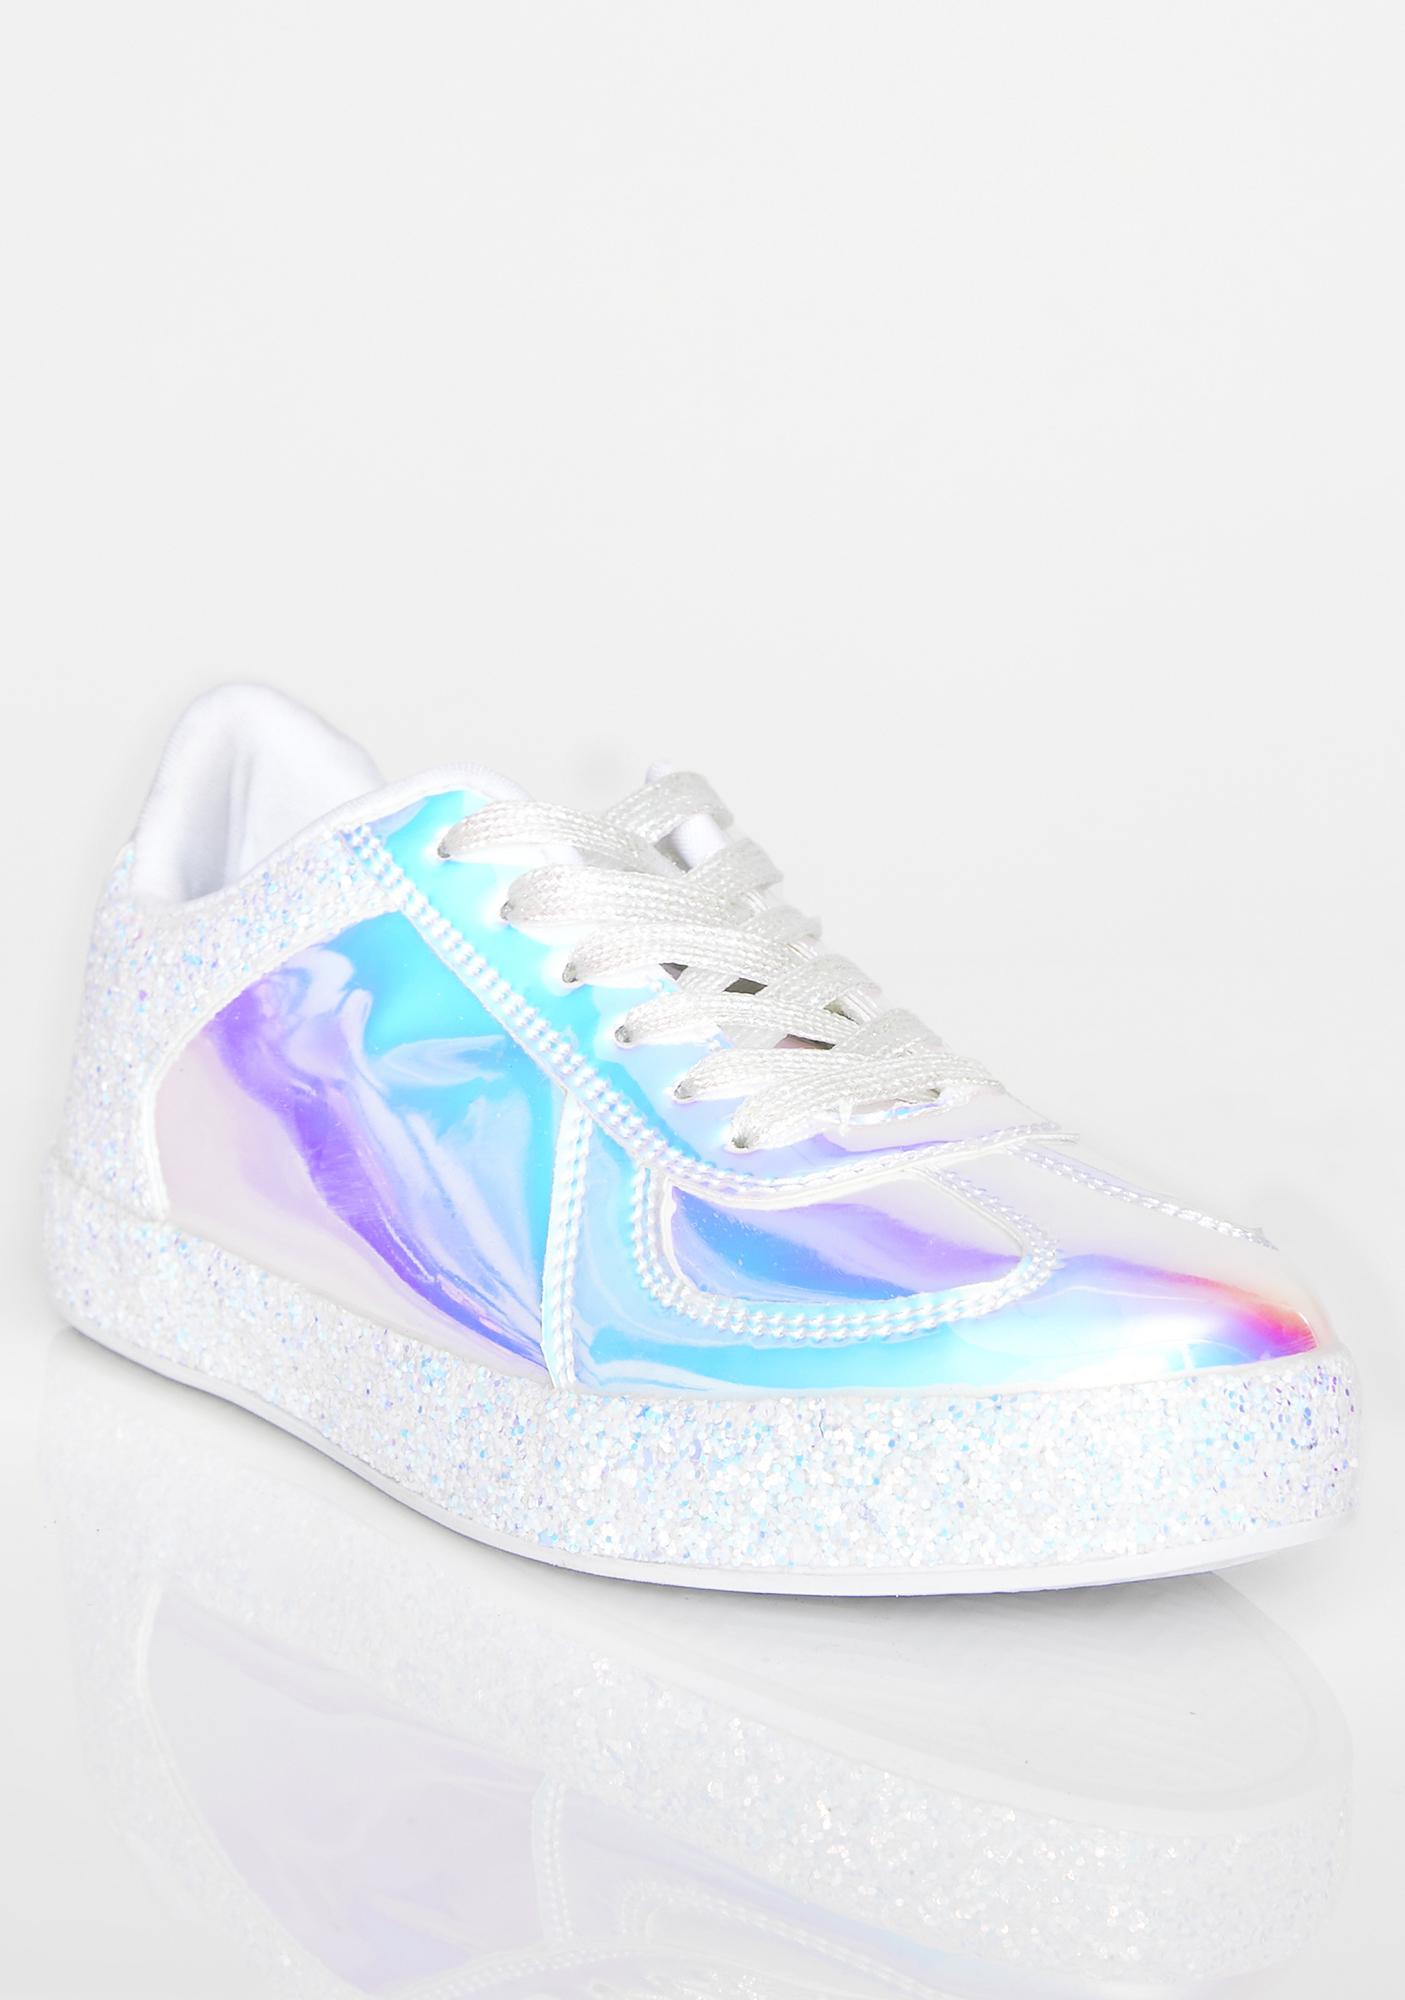 Frosty Cosmic Slide Hologram Sneakers